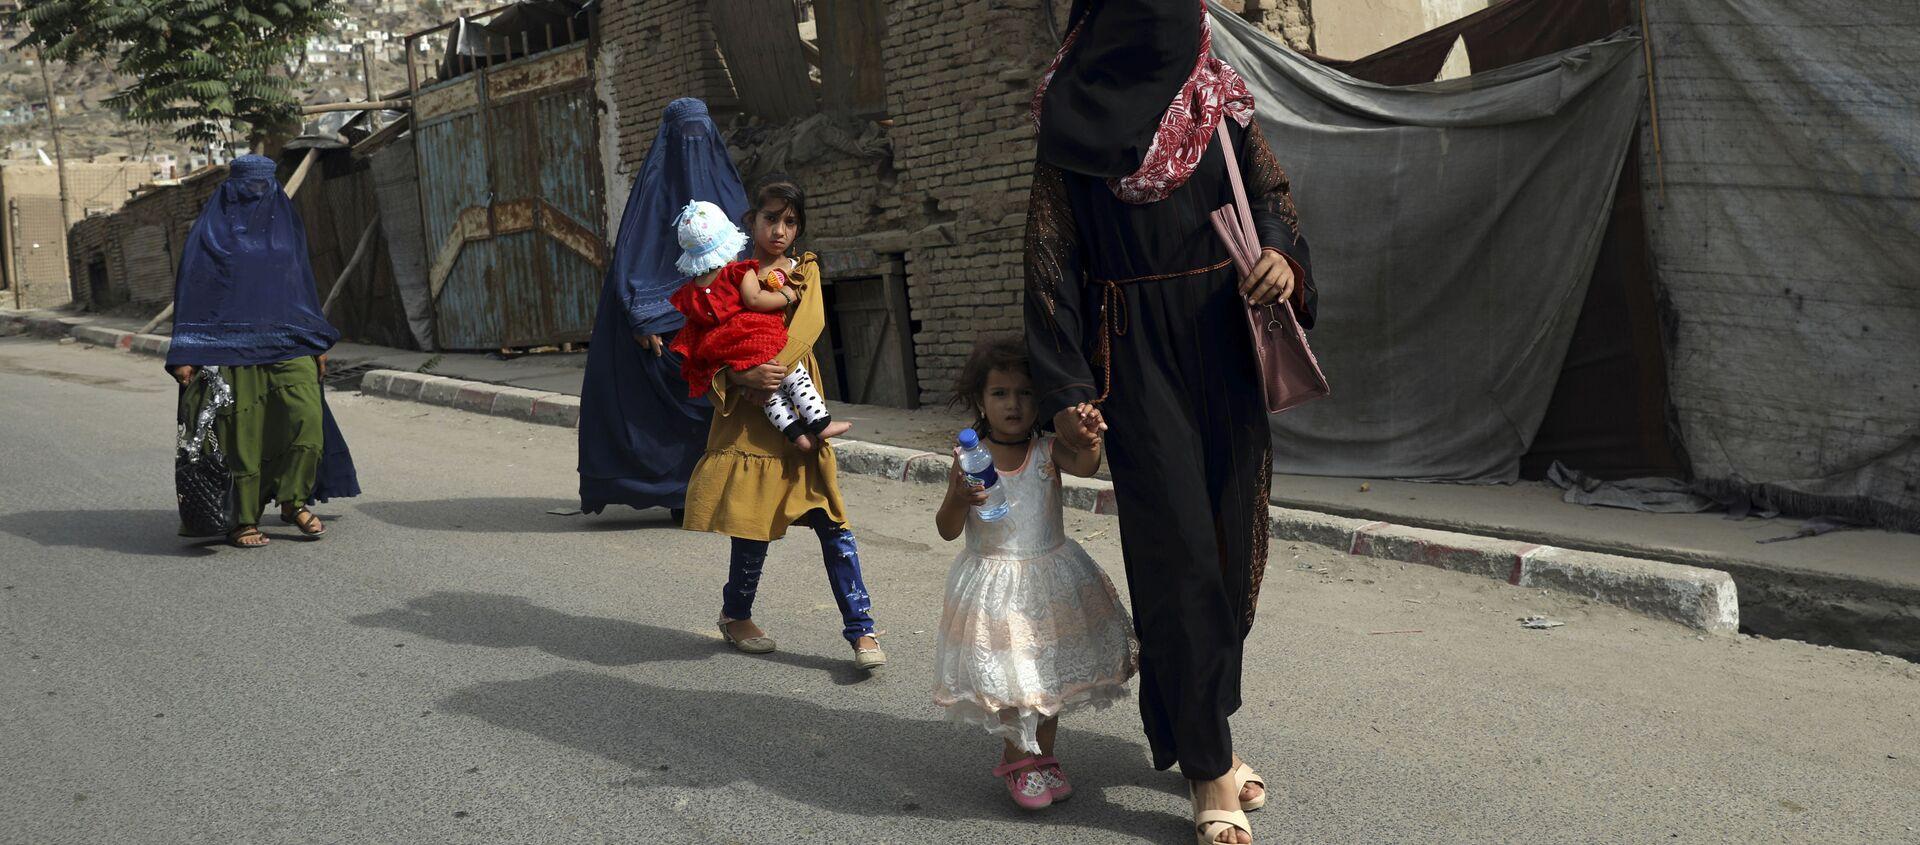 Phụ nữ và trẻ em gái Afghanistan trên đường phố ở Kabul - Sputnik Việt Nam, 1920, 10.09.2021